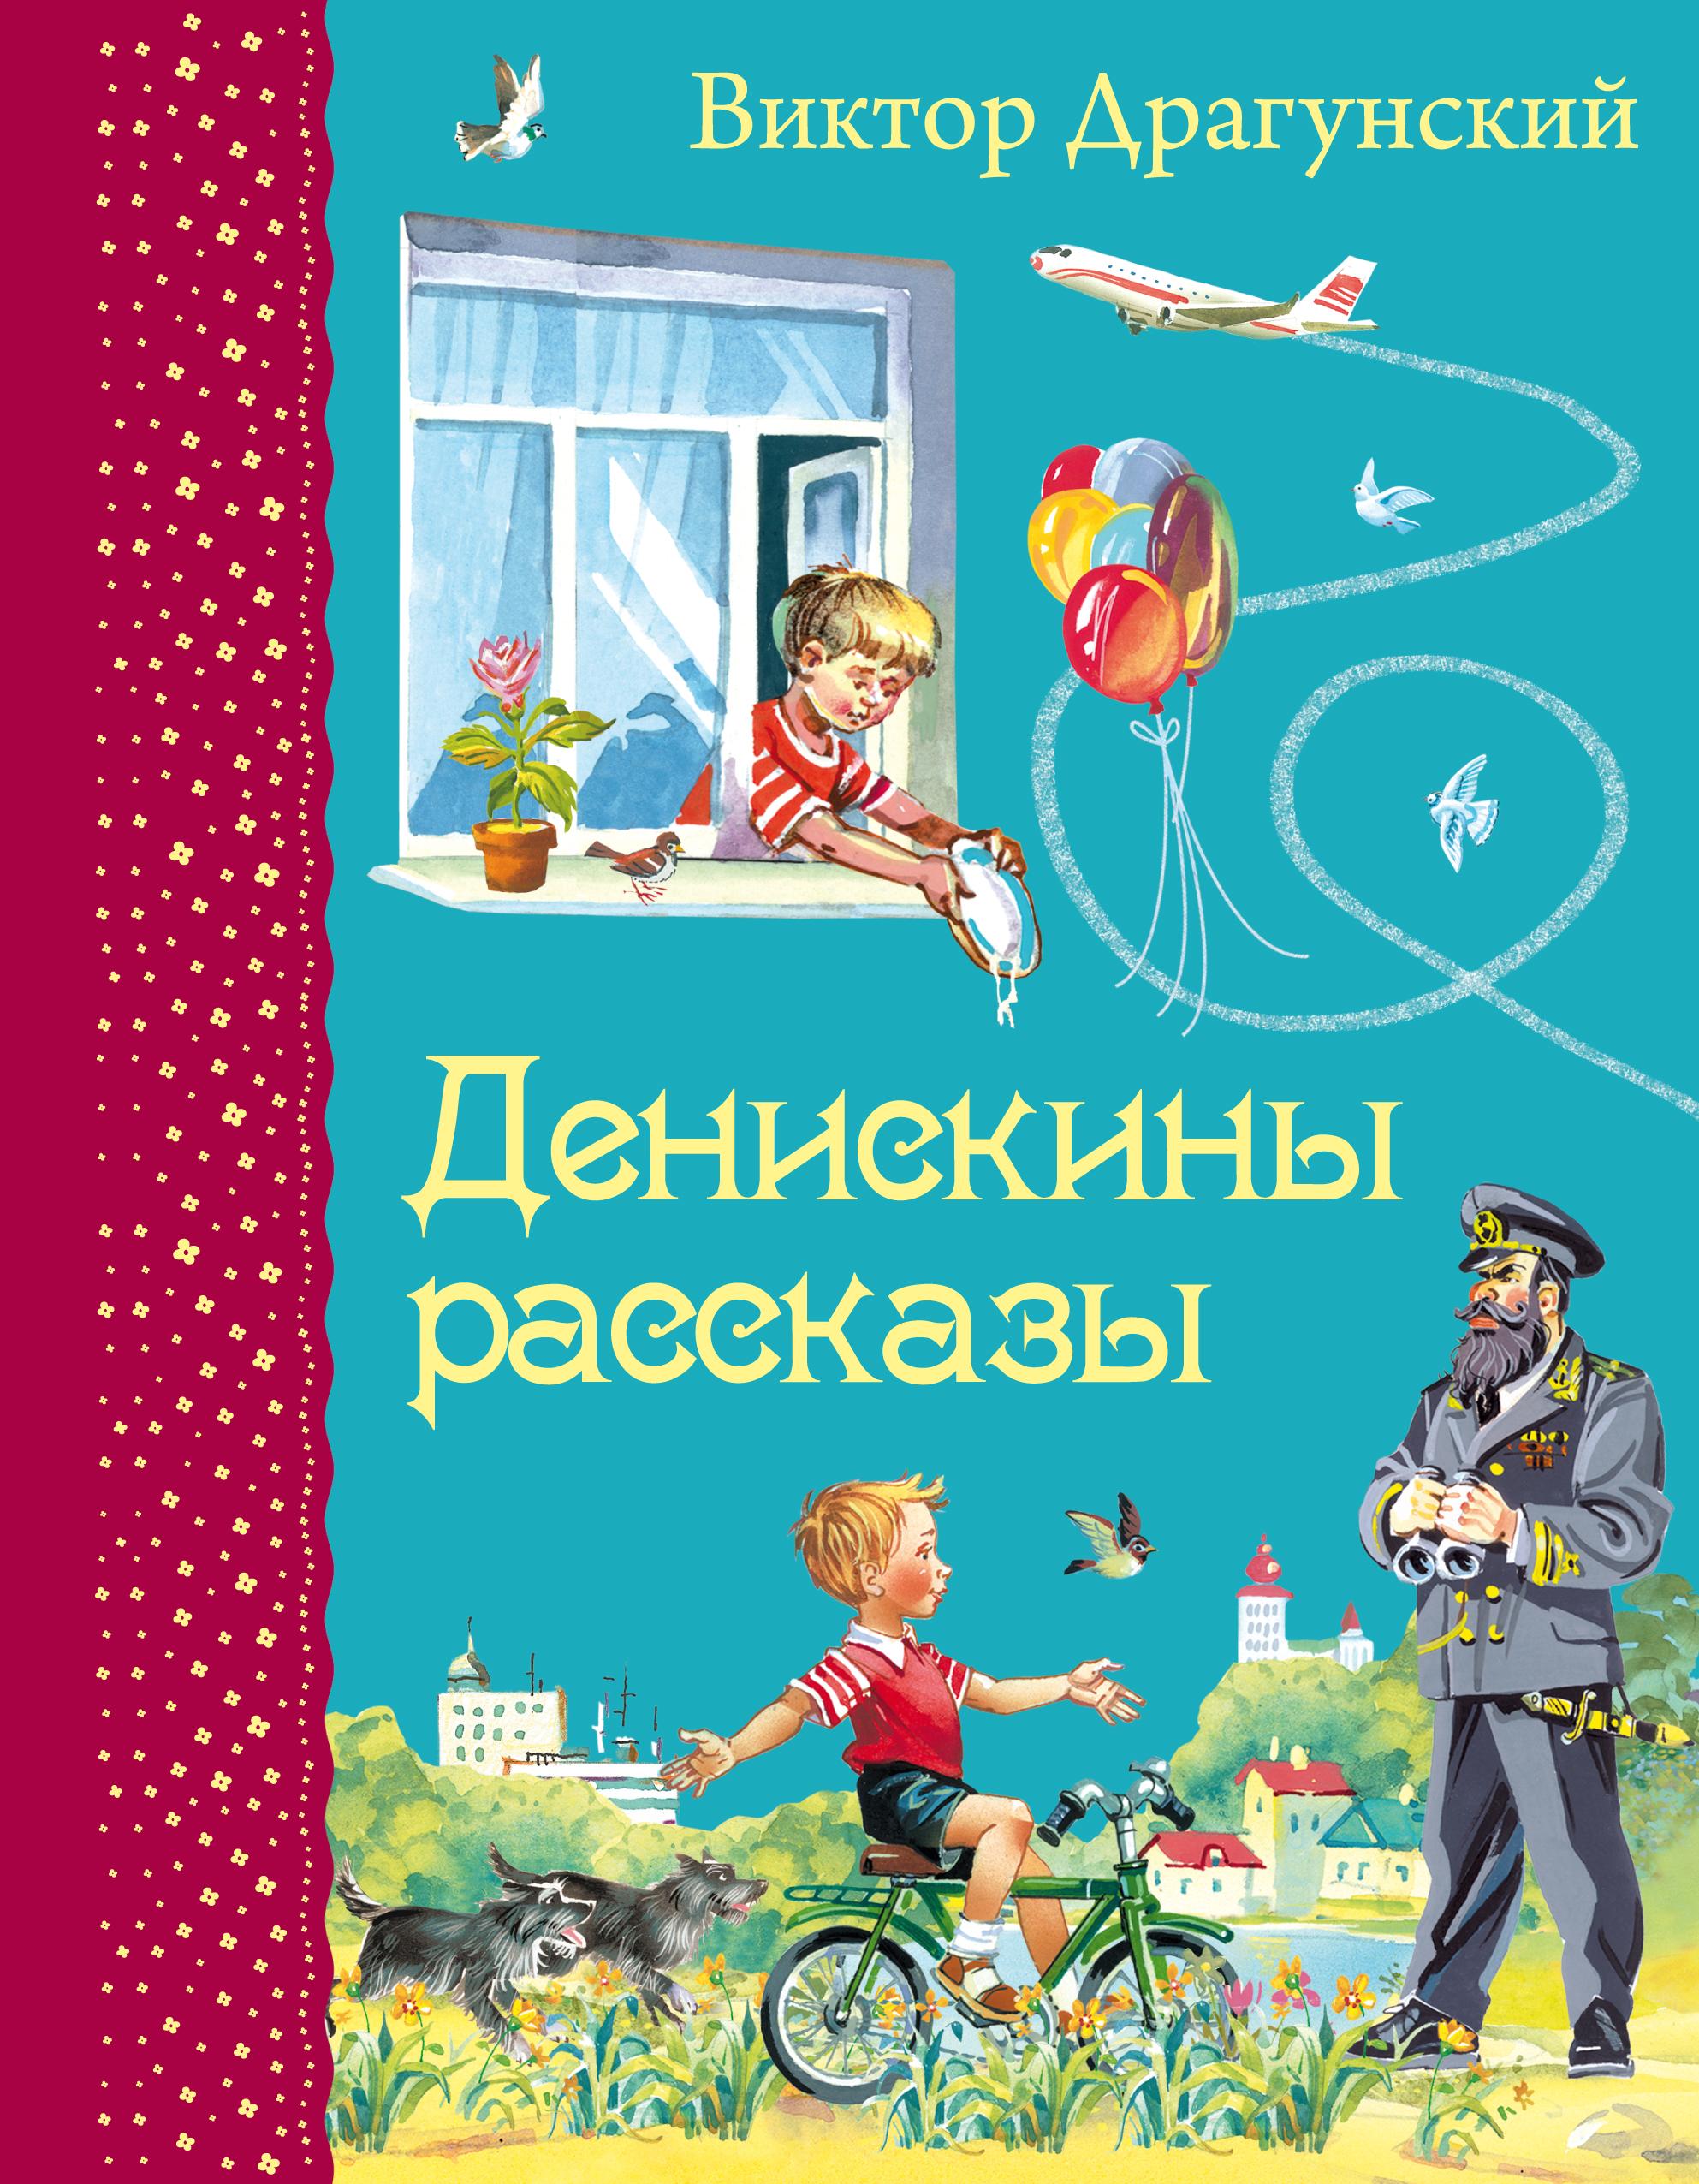 Рассказы в драгунскава 9 фотография